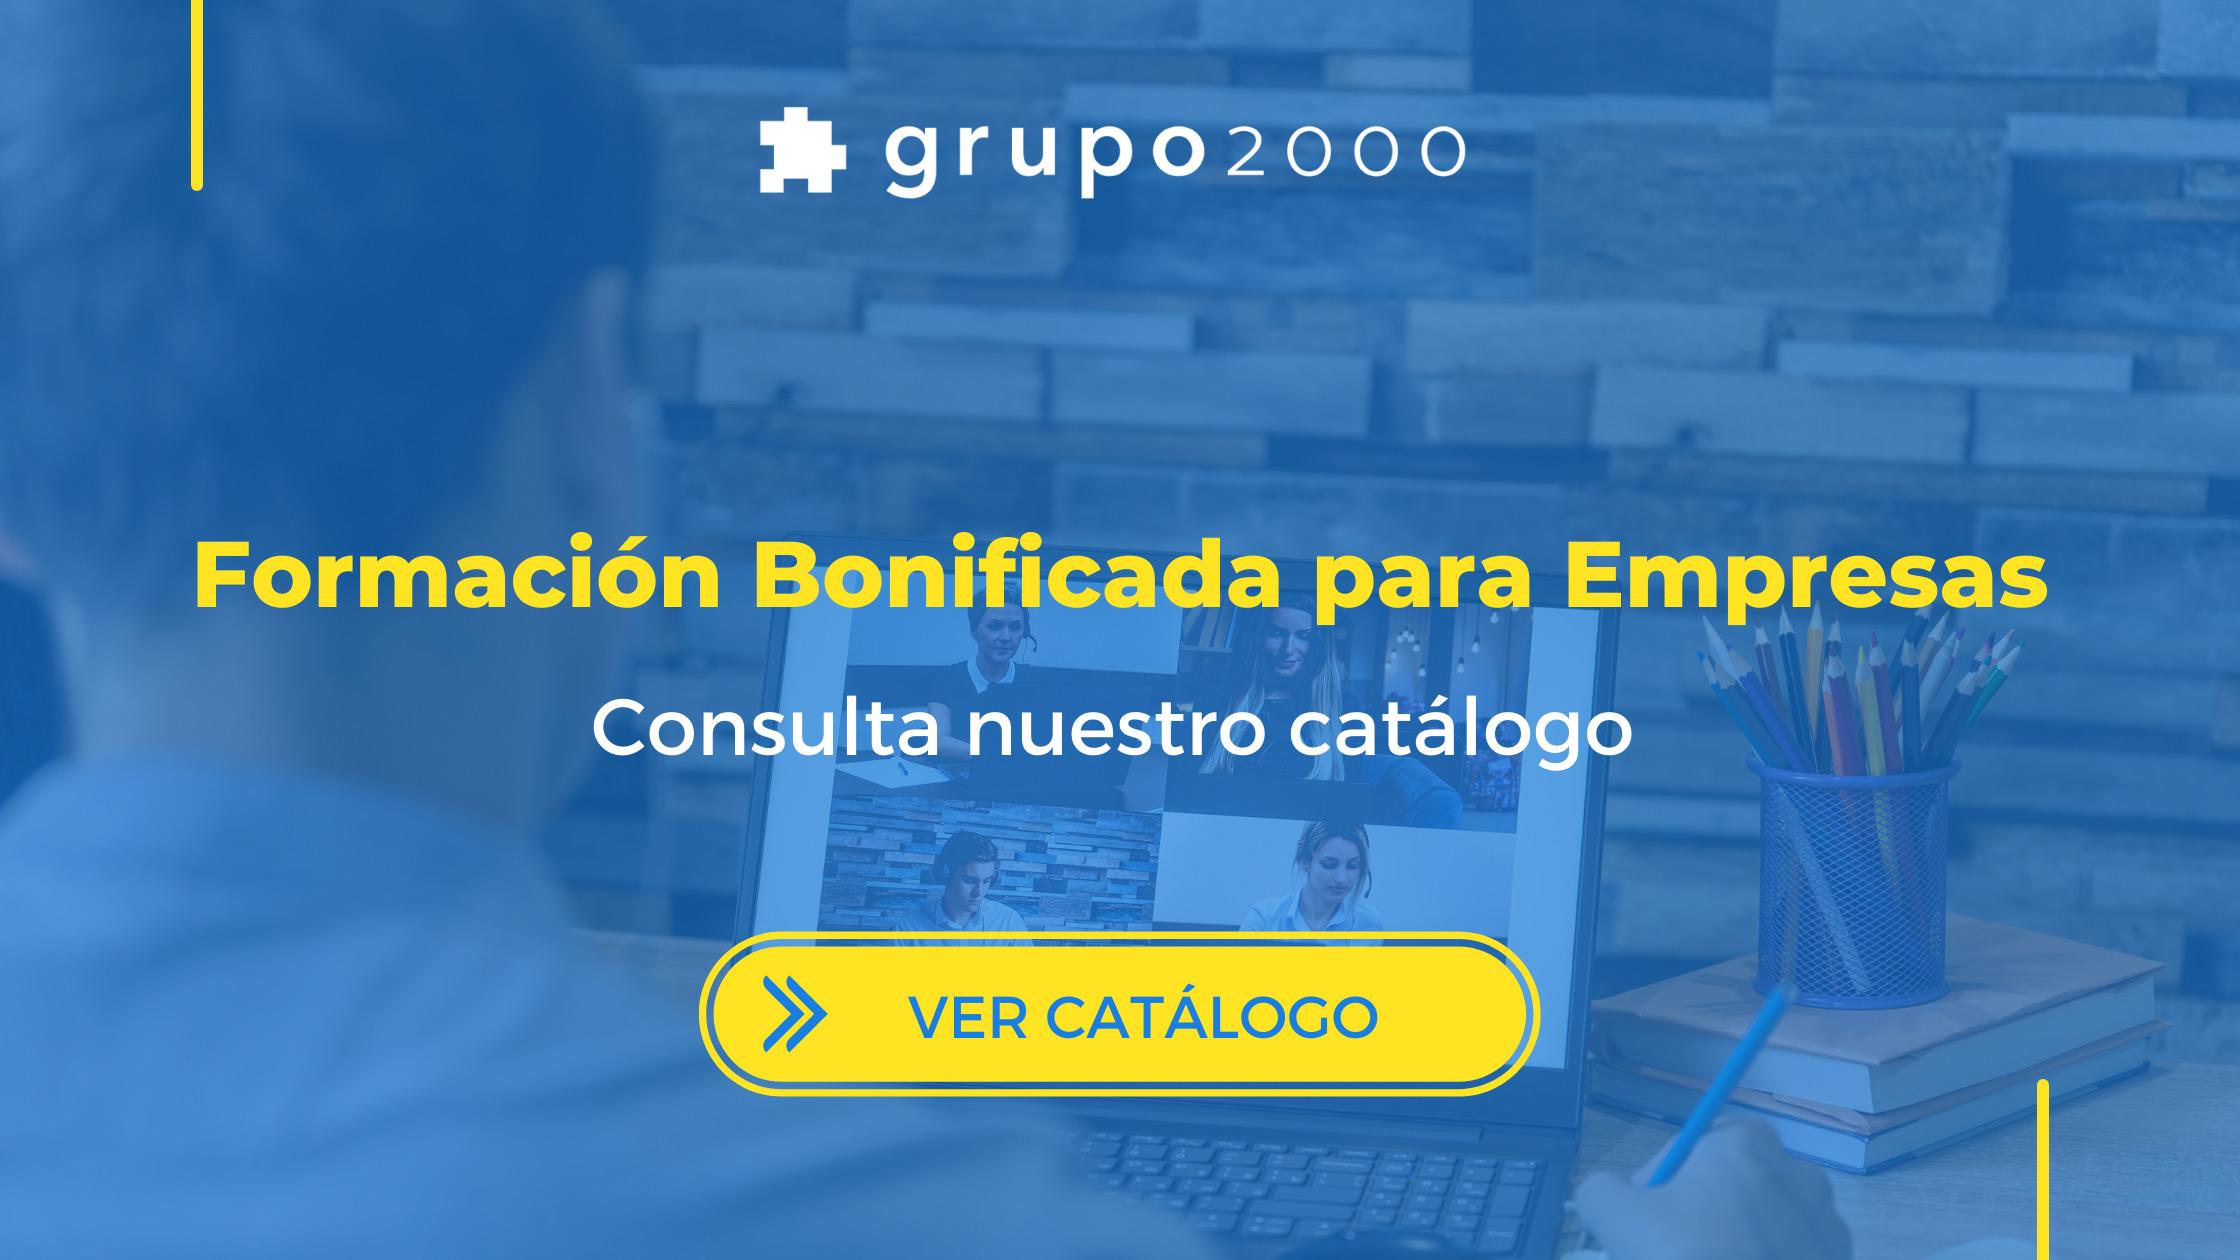 Formación bonificada para empresas de Grupo2000